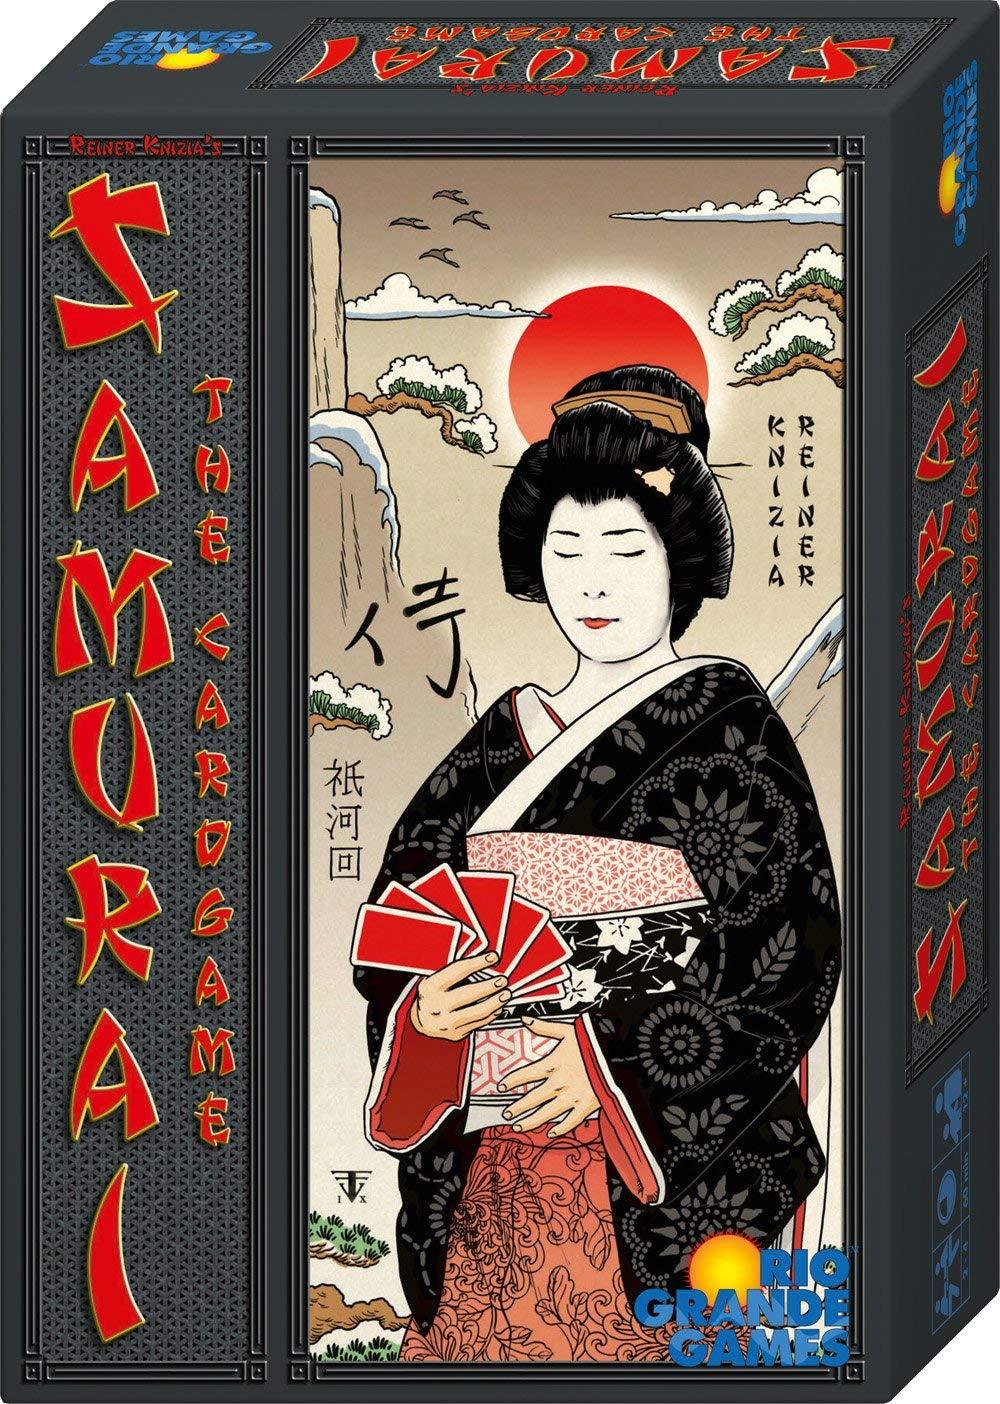 【即納&大特価】 サムライザカードゲーム(Samurai B07PJ4CH2F the the Cardgame) B07PJ4CH2F, 塩沢町:85ade99b --- garagegrands.com